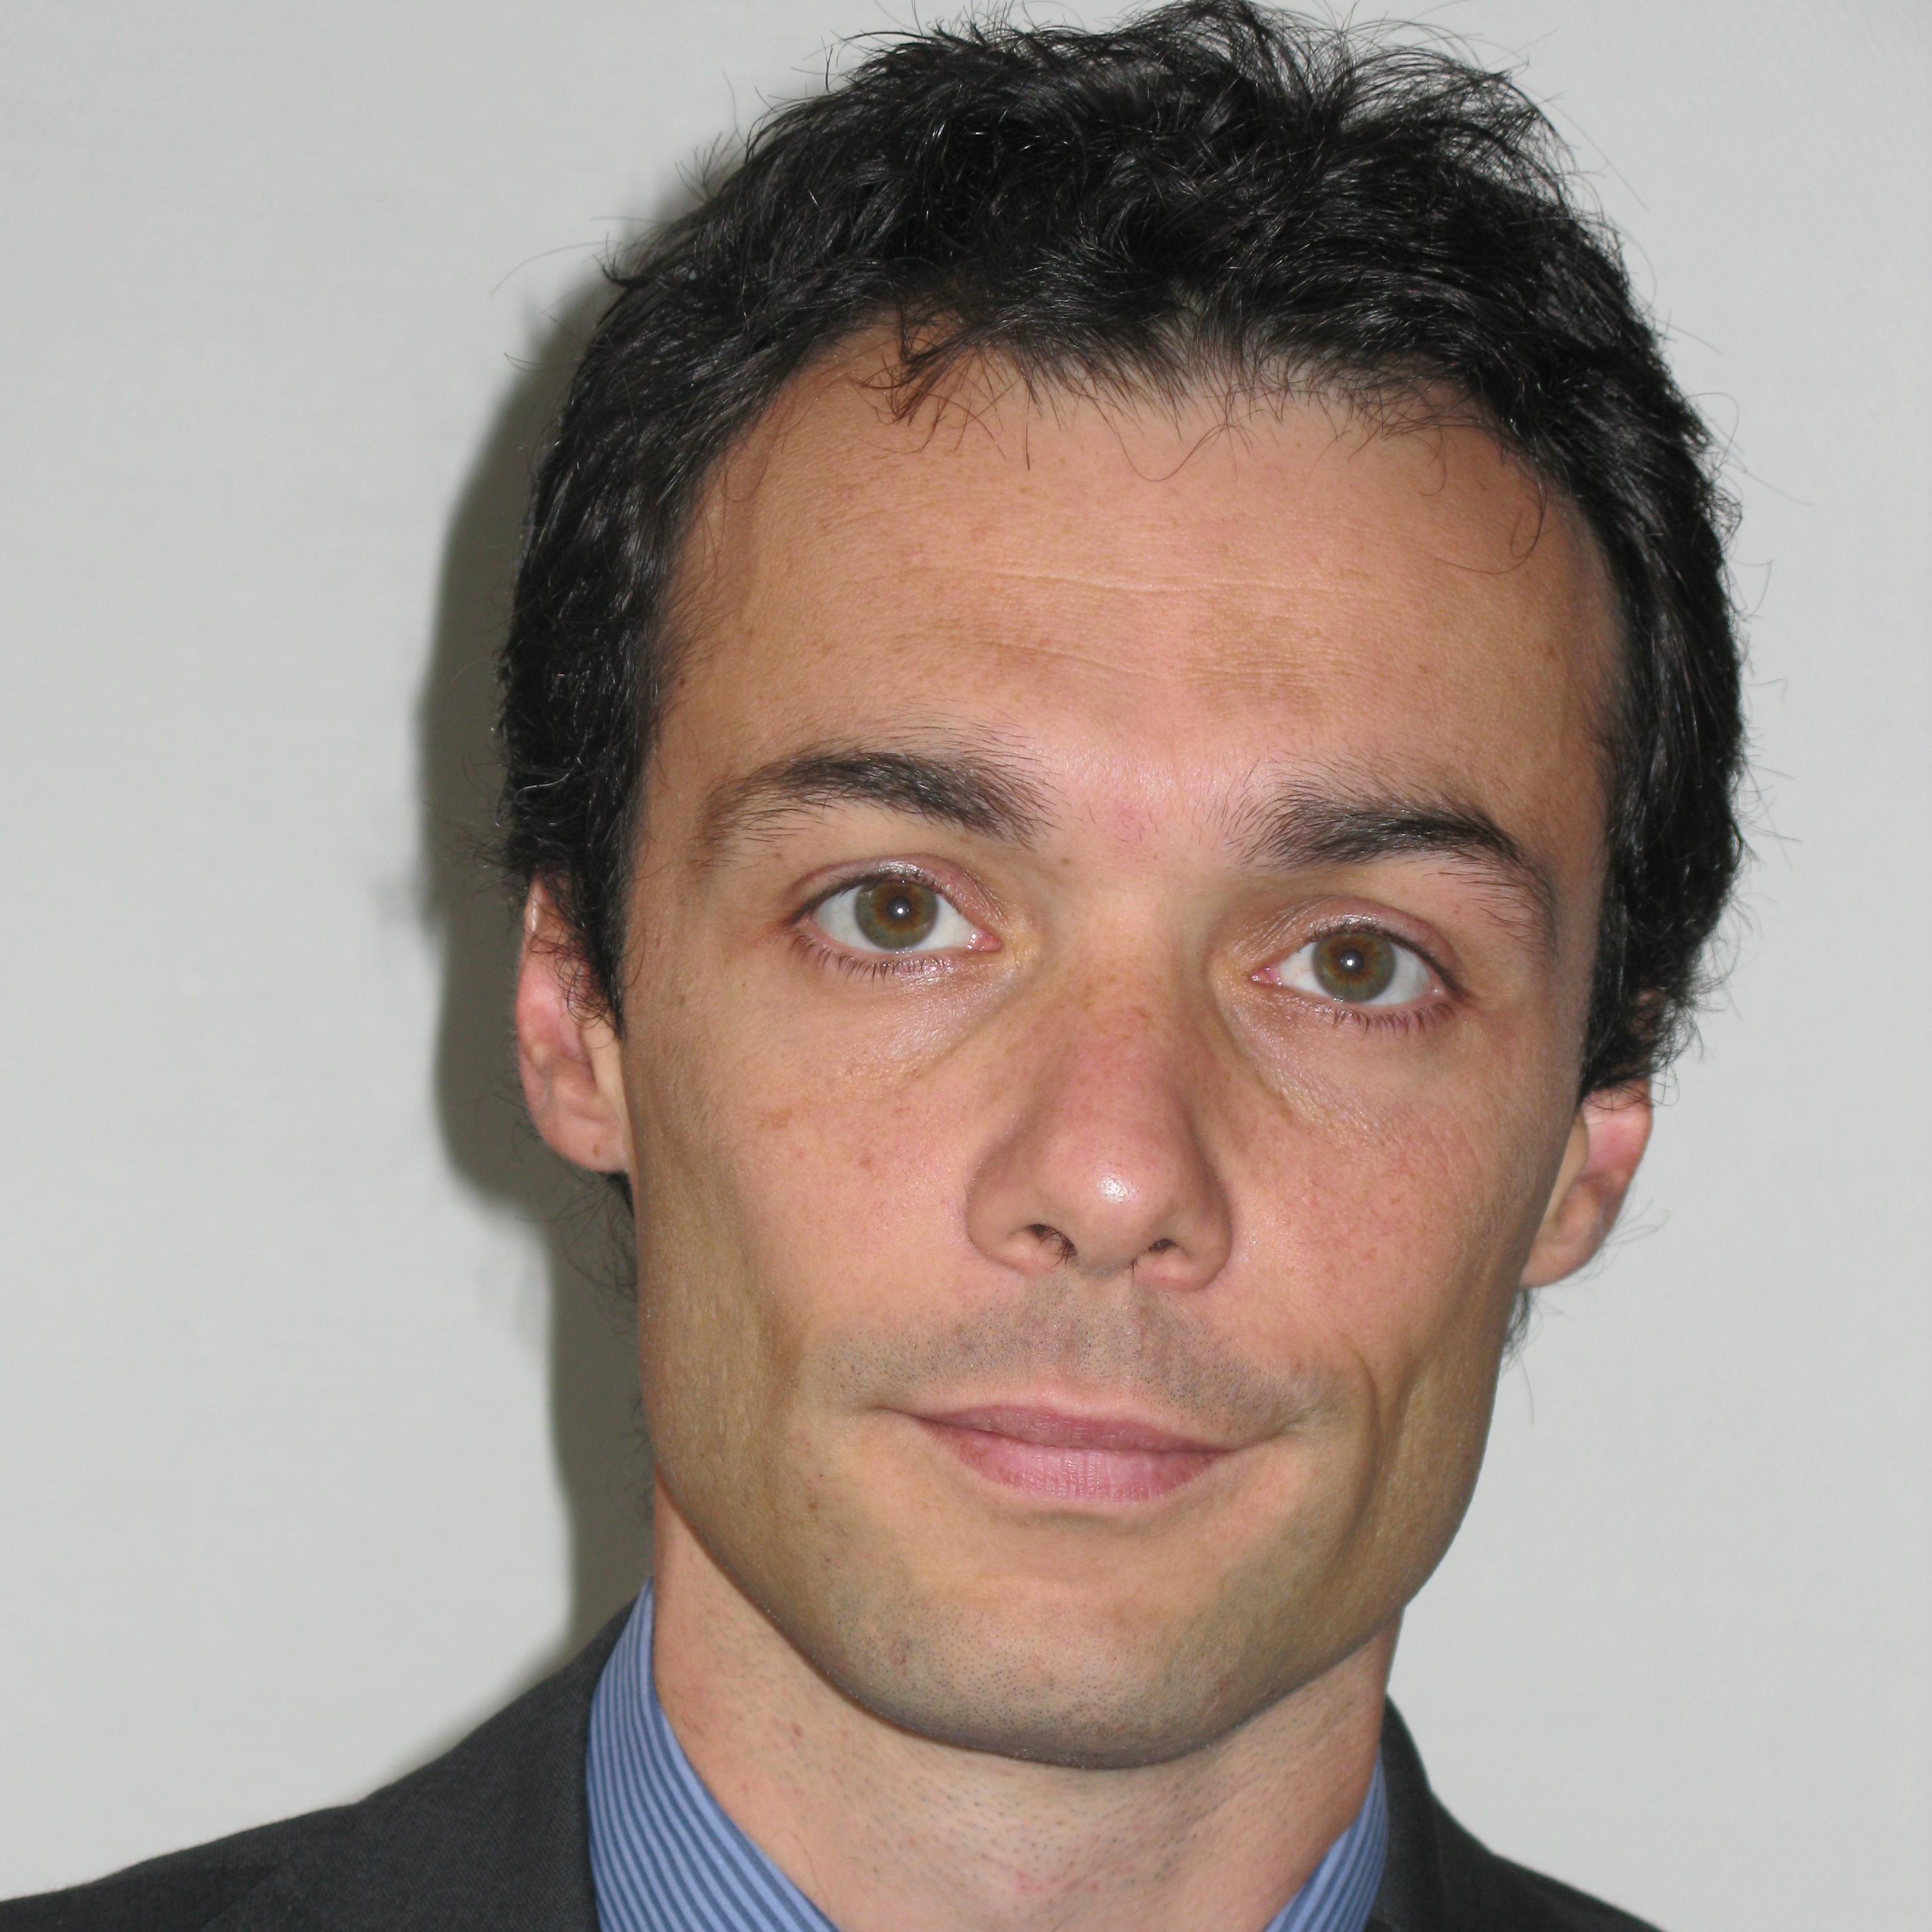 Jean DELOUR